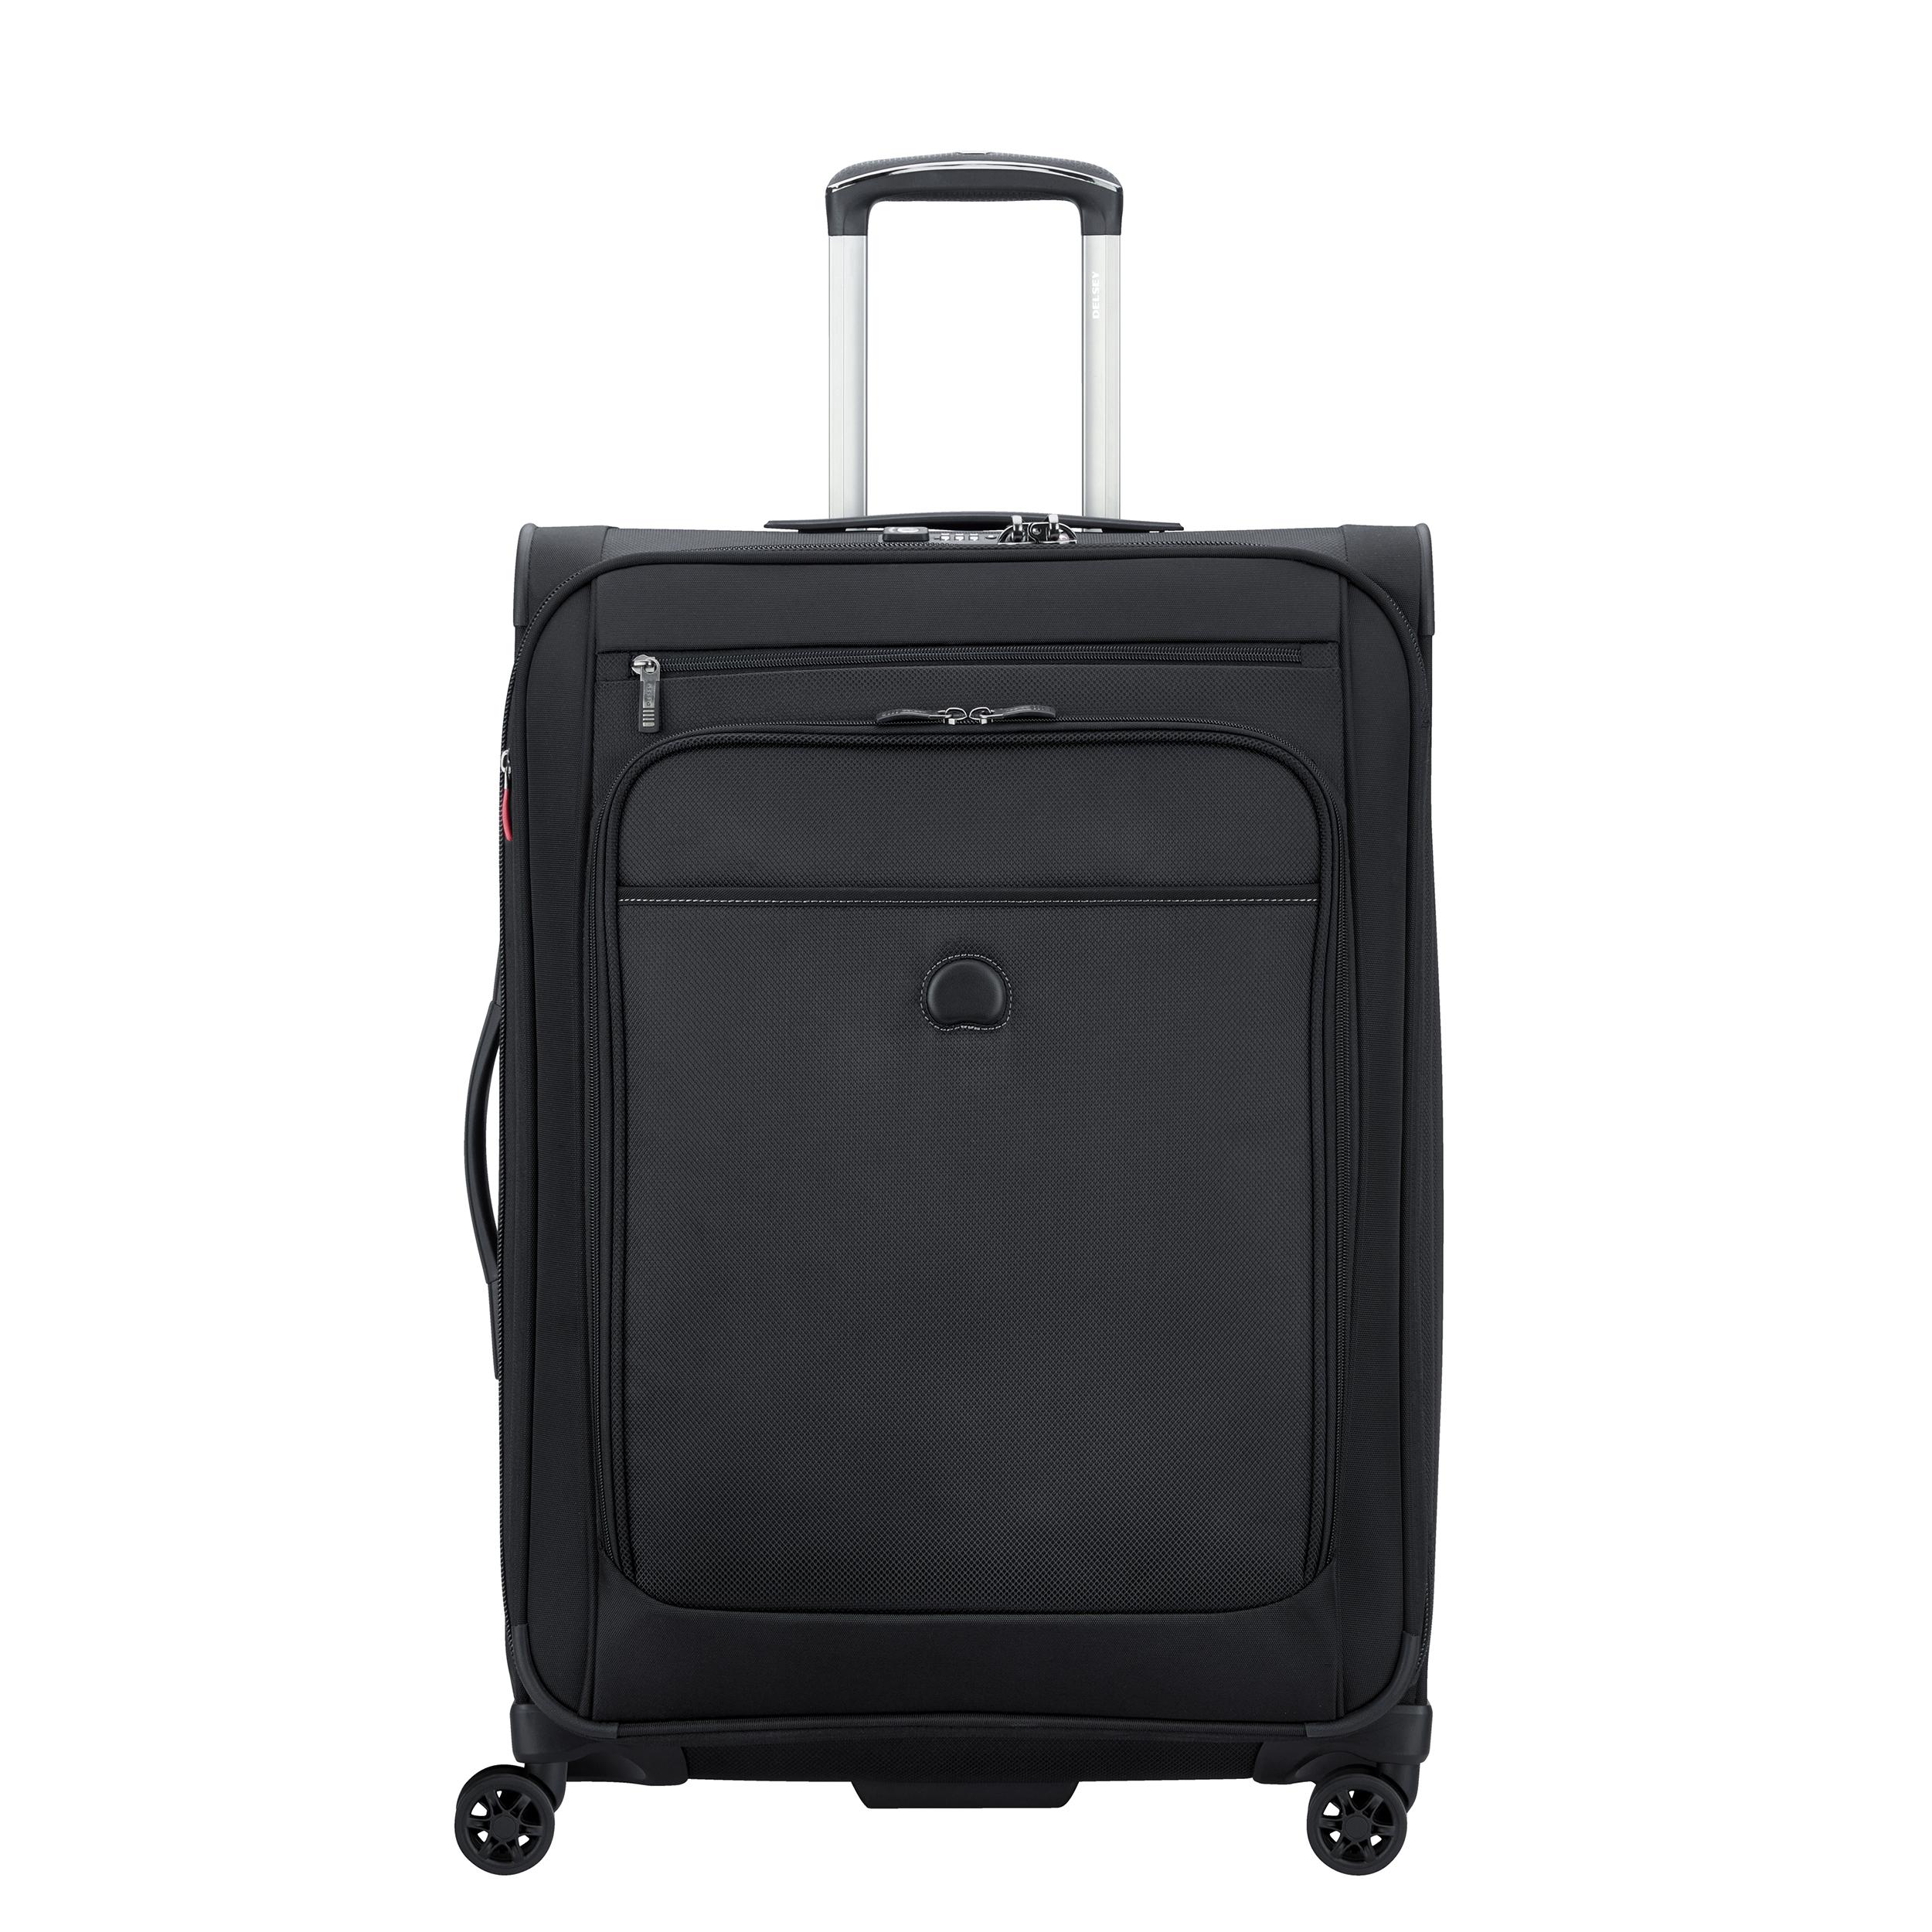 چمدان دلسی مدل پایلوت دبلیو دبلیو کد 1258811 سایز متوسط